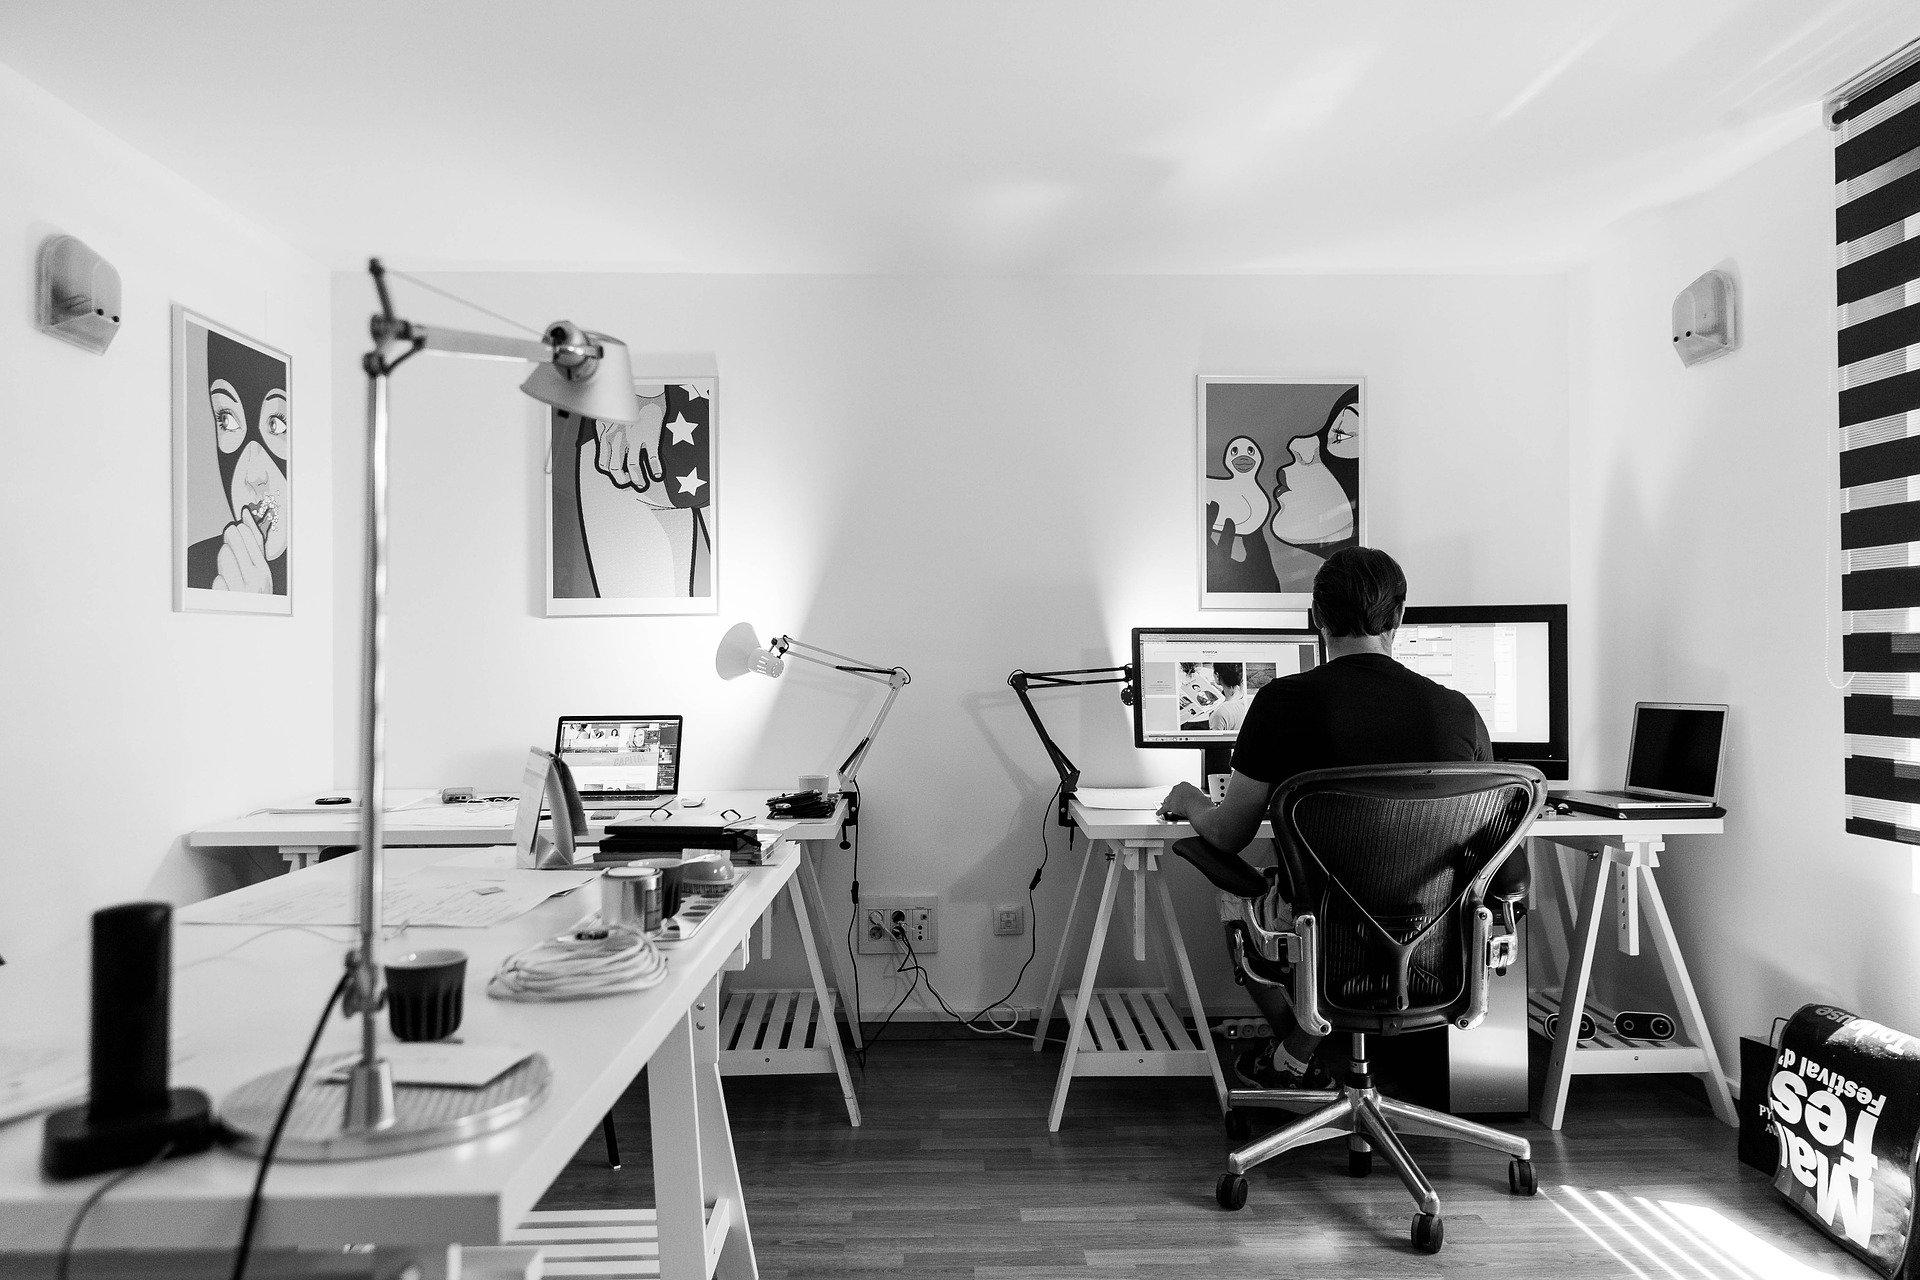 新入社員の社内研修は今や動画研修が当たり前。行き届いた研修用動画の作り方とは。